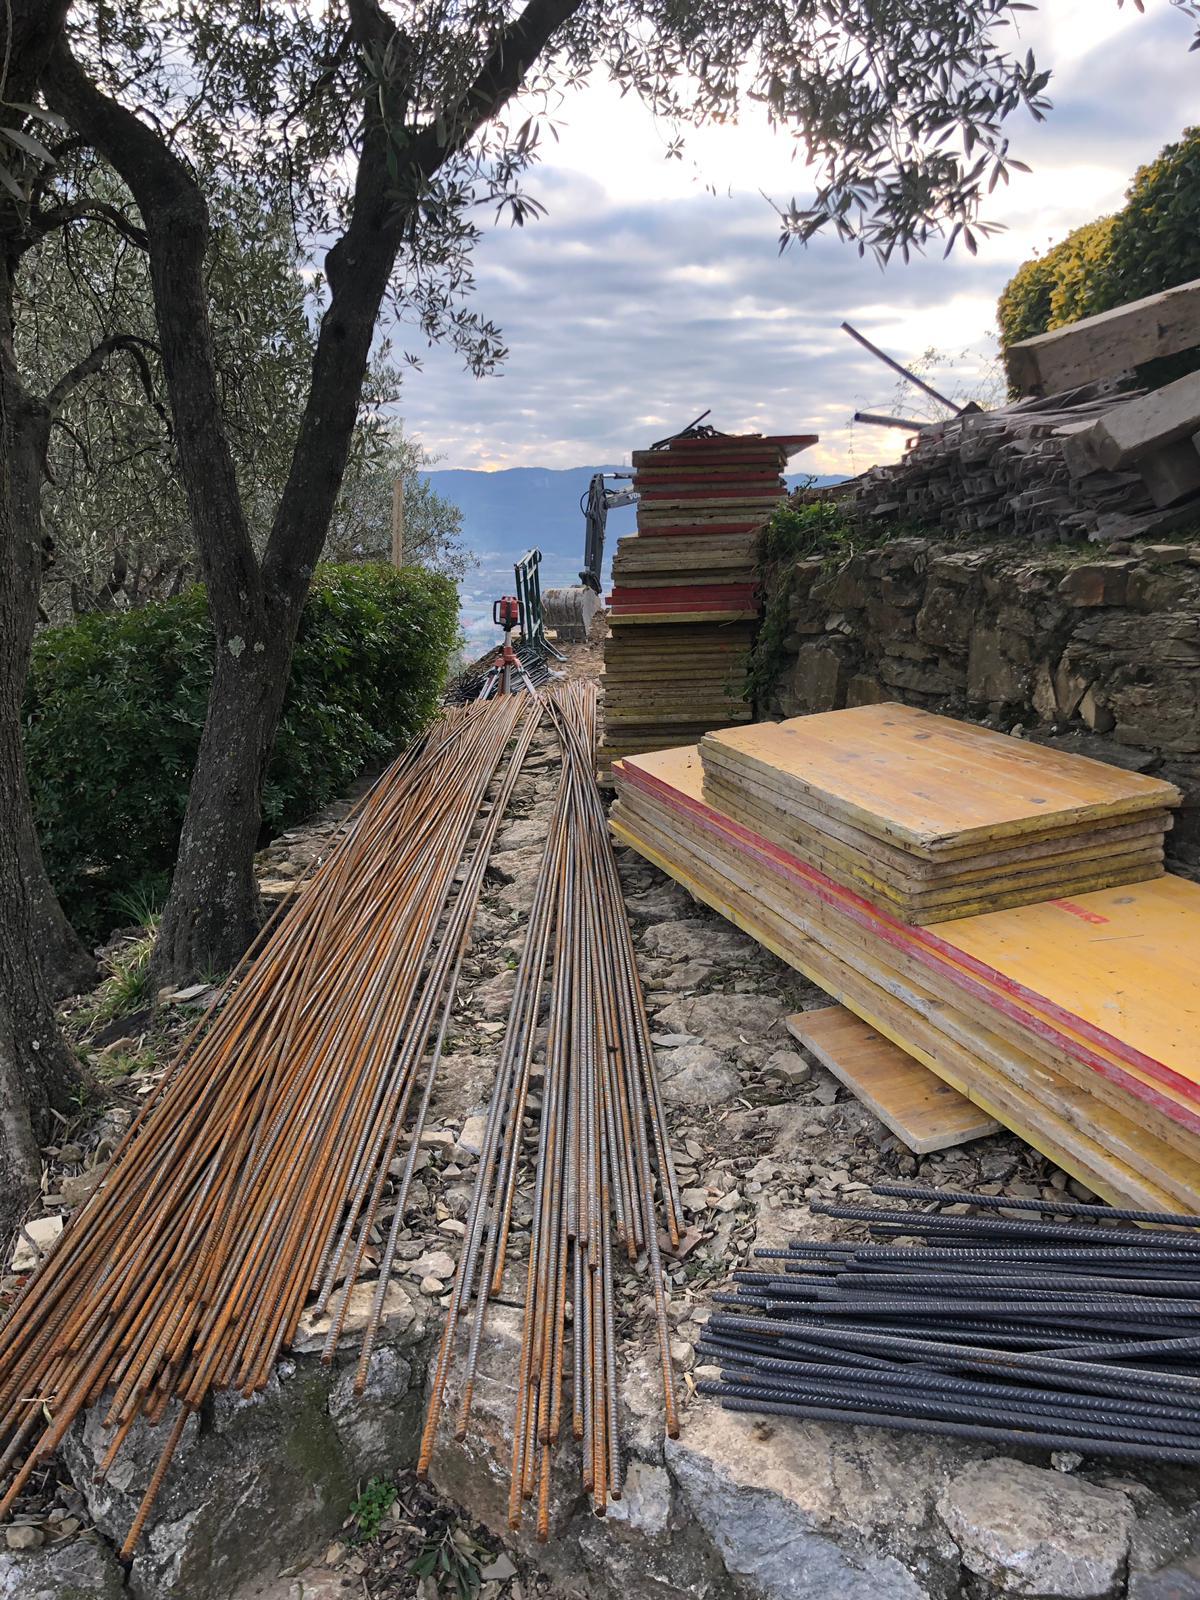 6. Stoccaggio temporaneo di materiali da cantiere (casseri in legno e ferri d'armatura): lavori in corso.